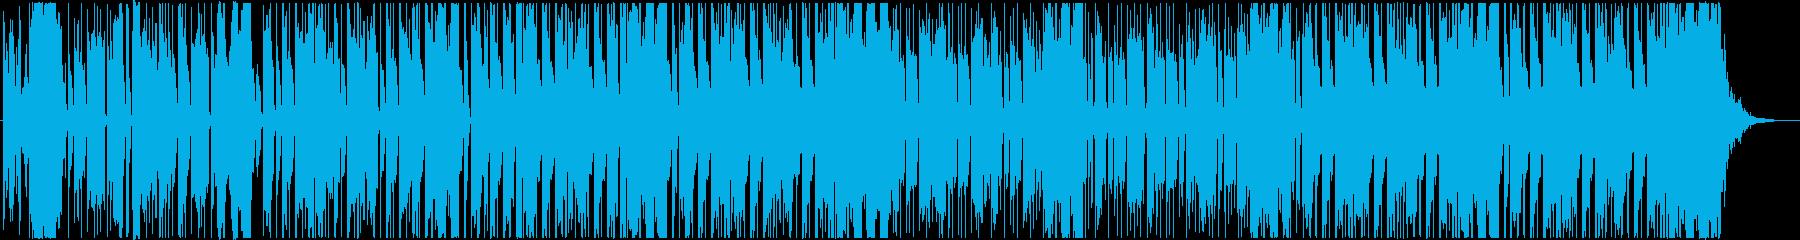 ノリノリ・エキサイト ダンスTikTokの再生済みの波形